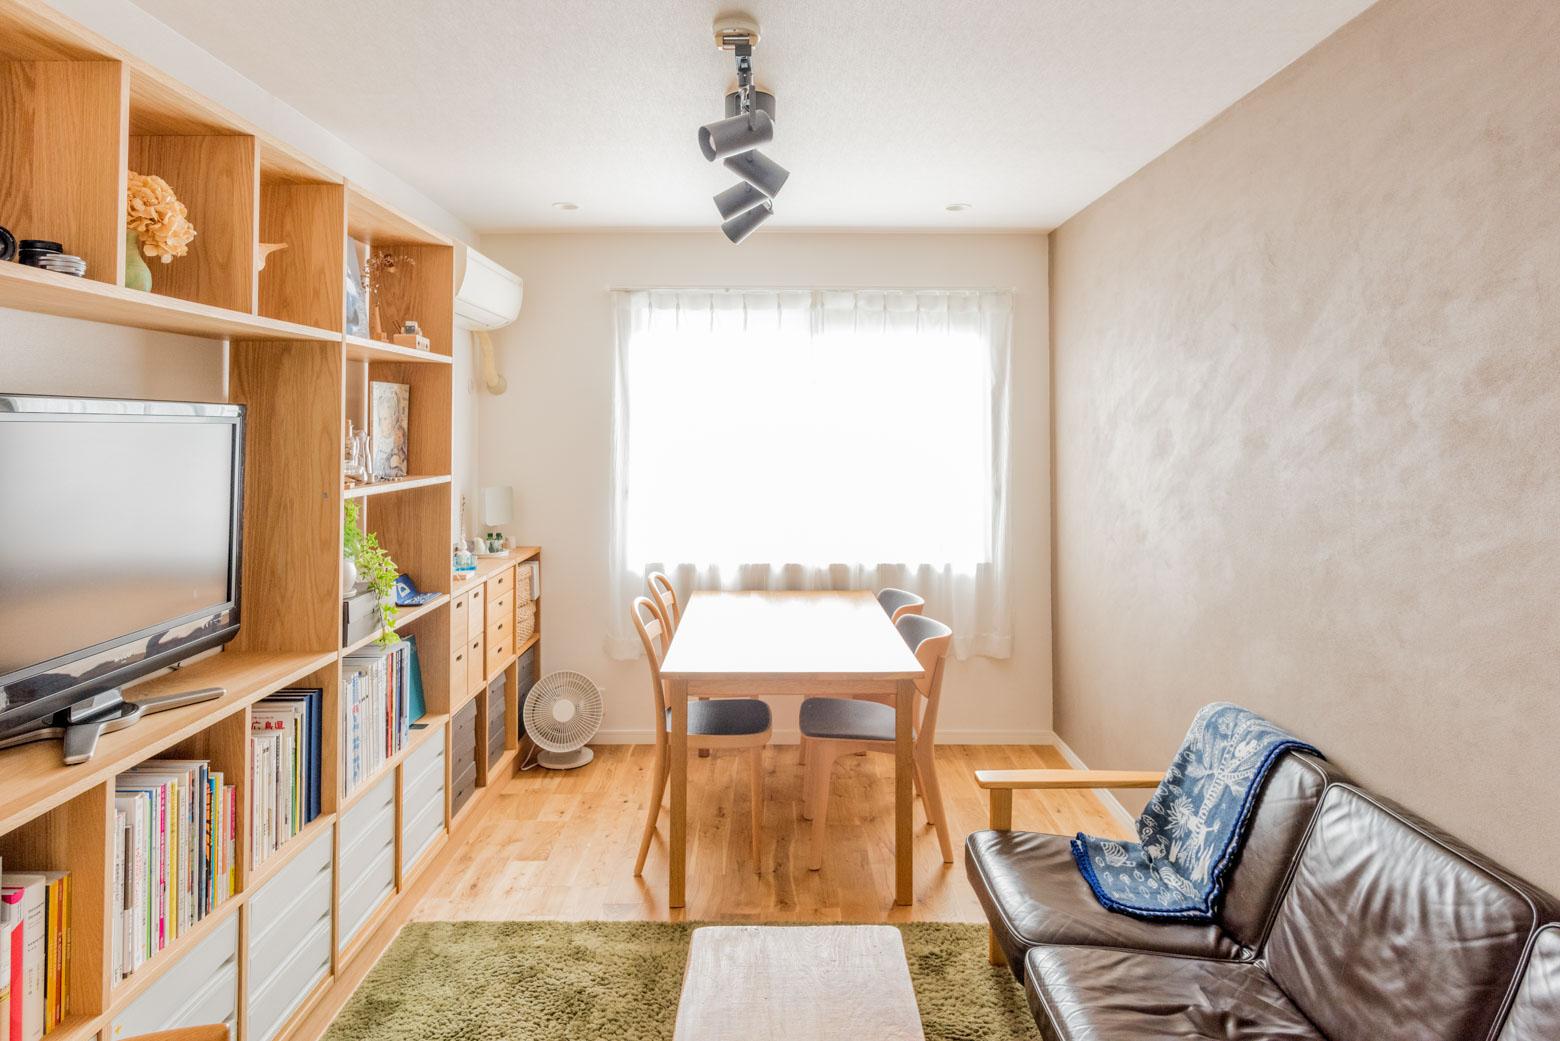 「本棚」どうしてますか?本の収納に使えるおすすめ家具とアイディアまとめ